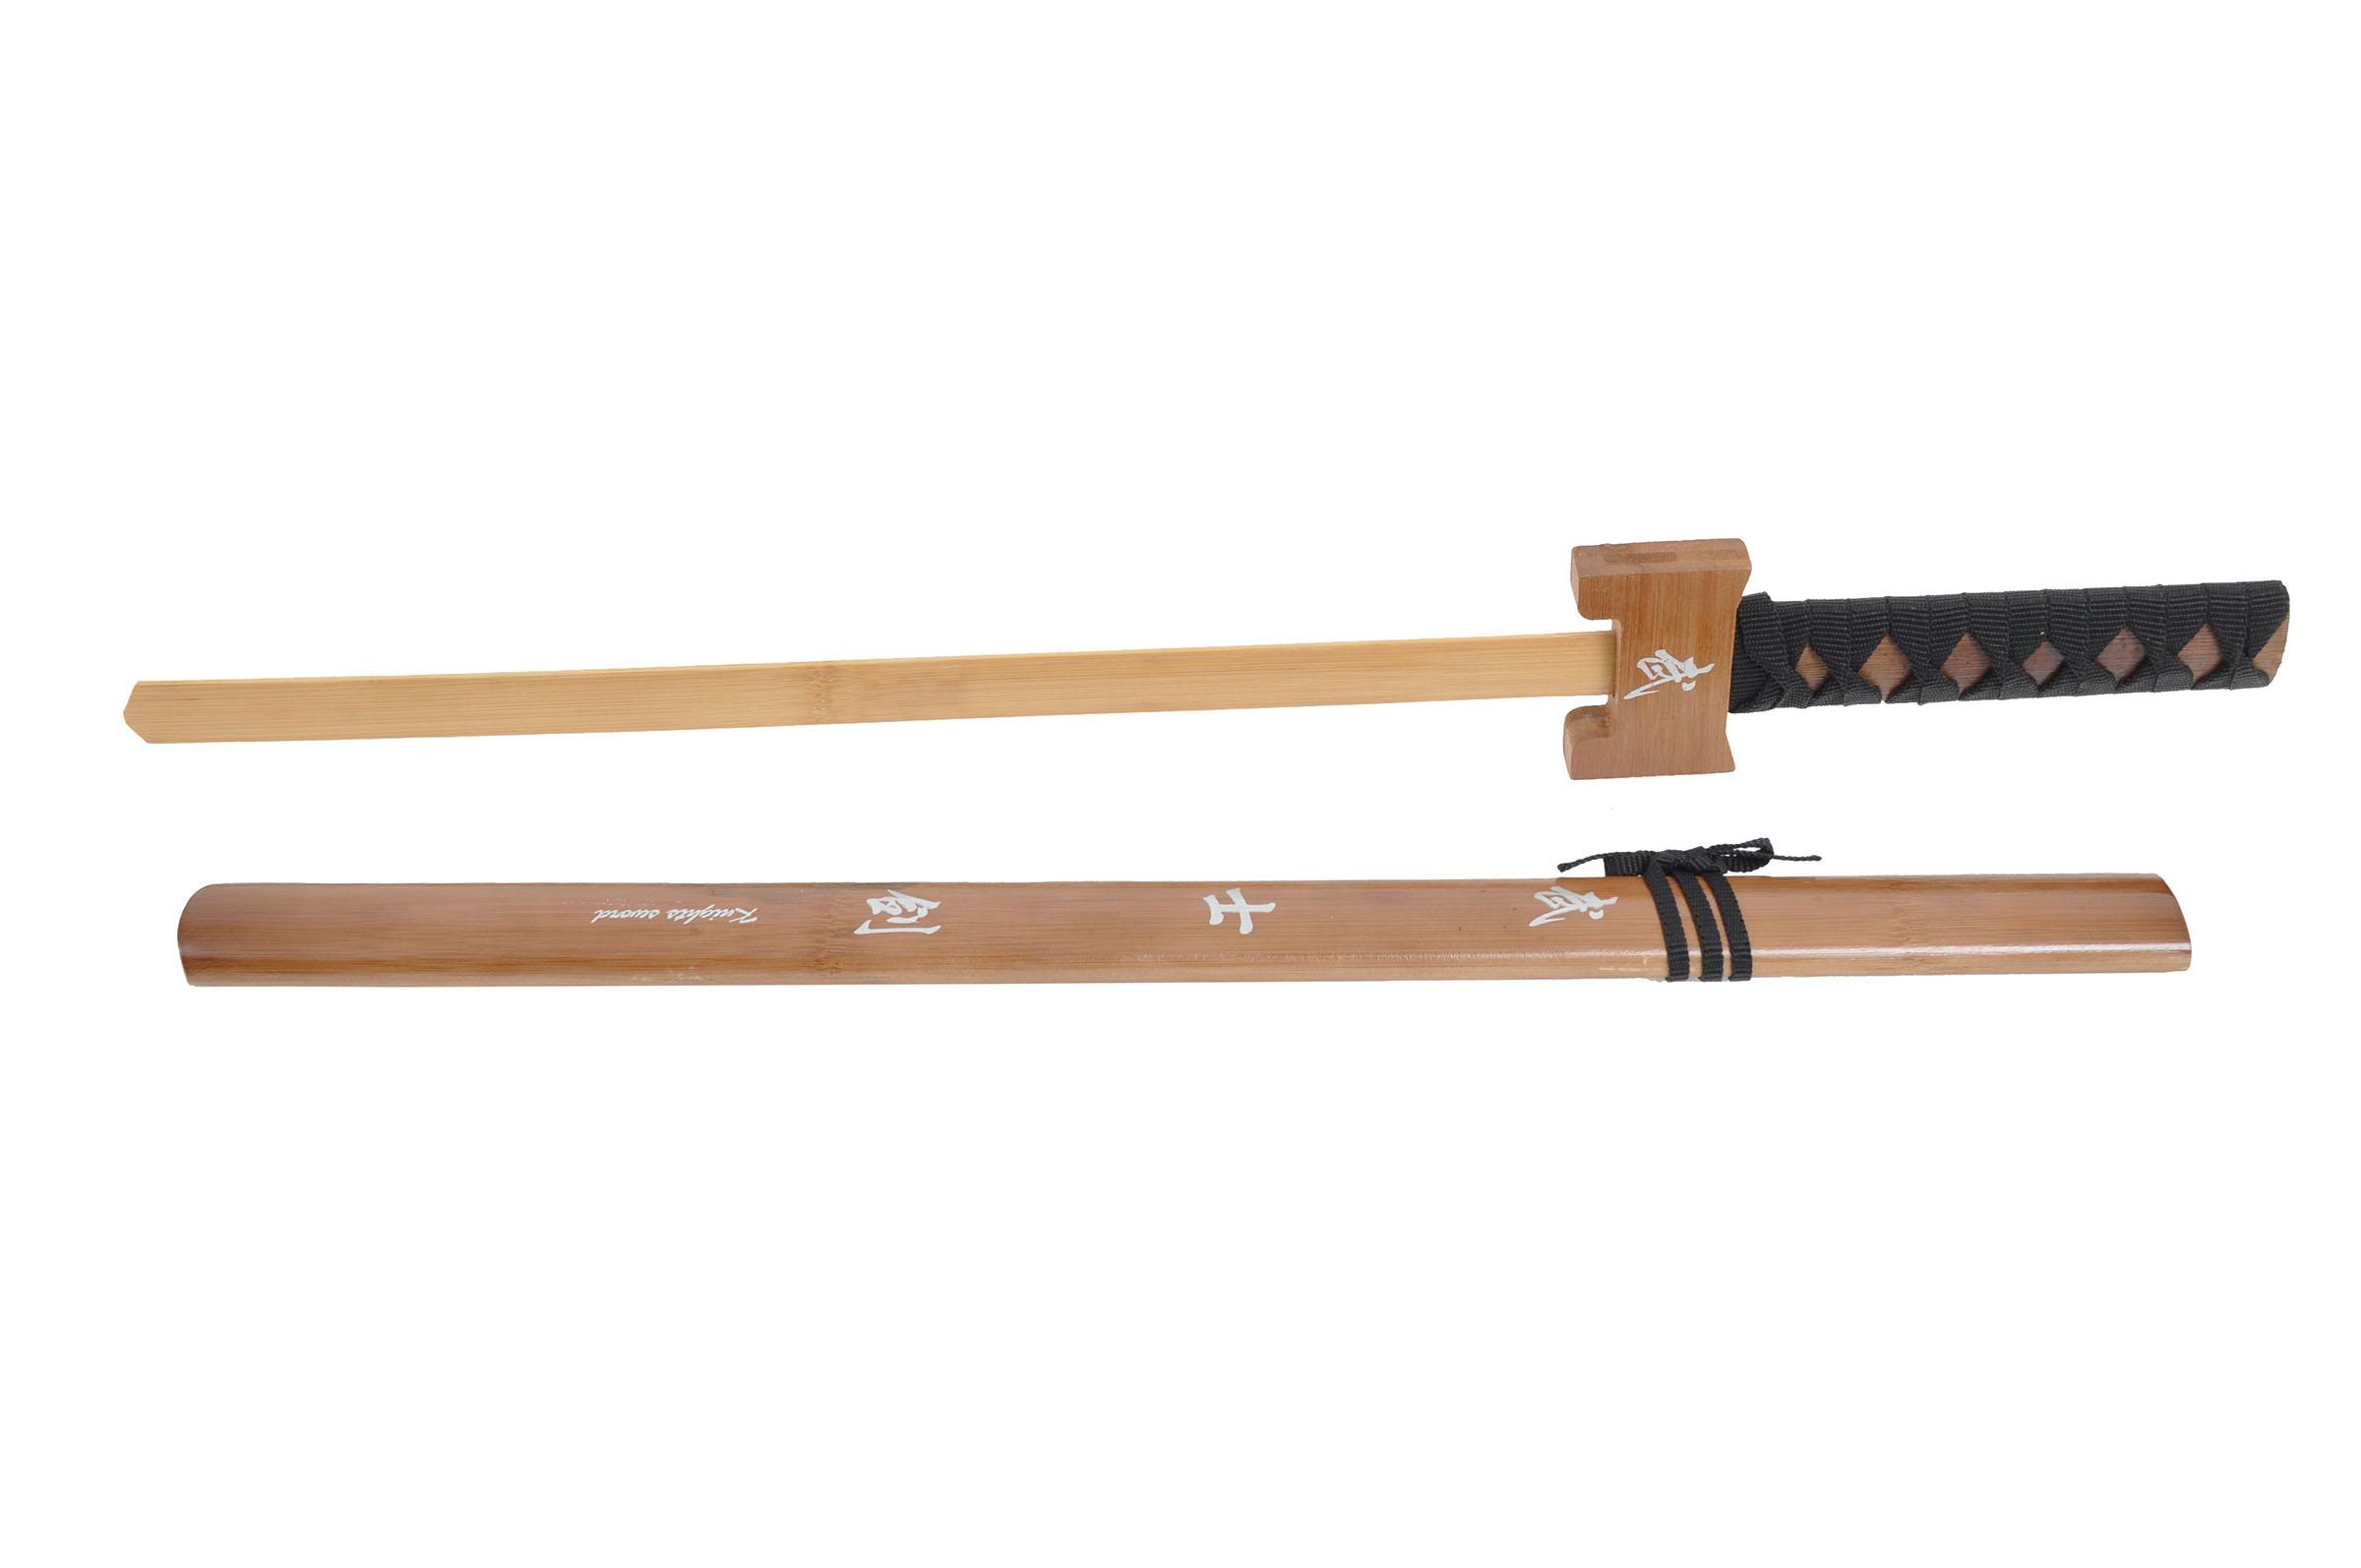 Épée Bois Avec Fourreau - Traditionnelle, Enfant